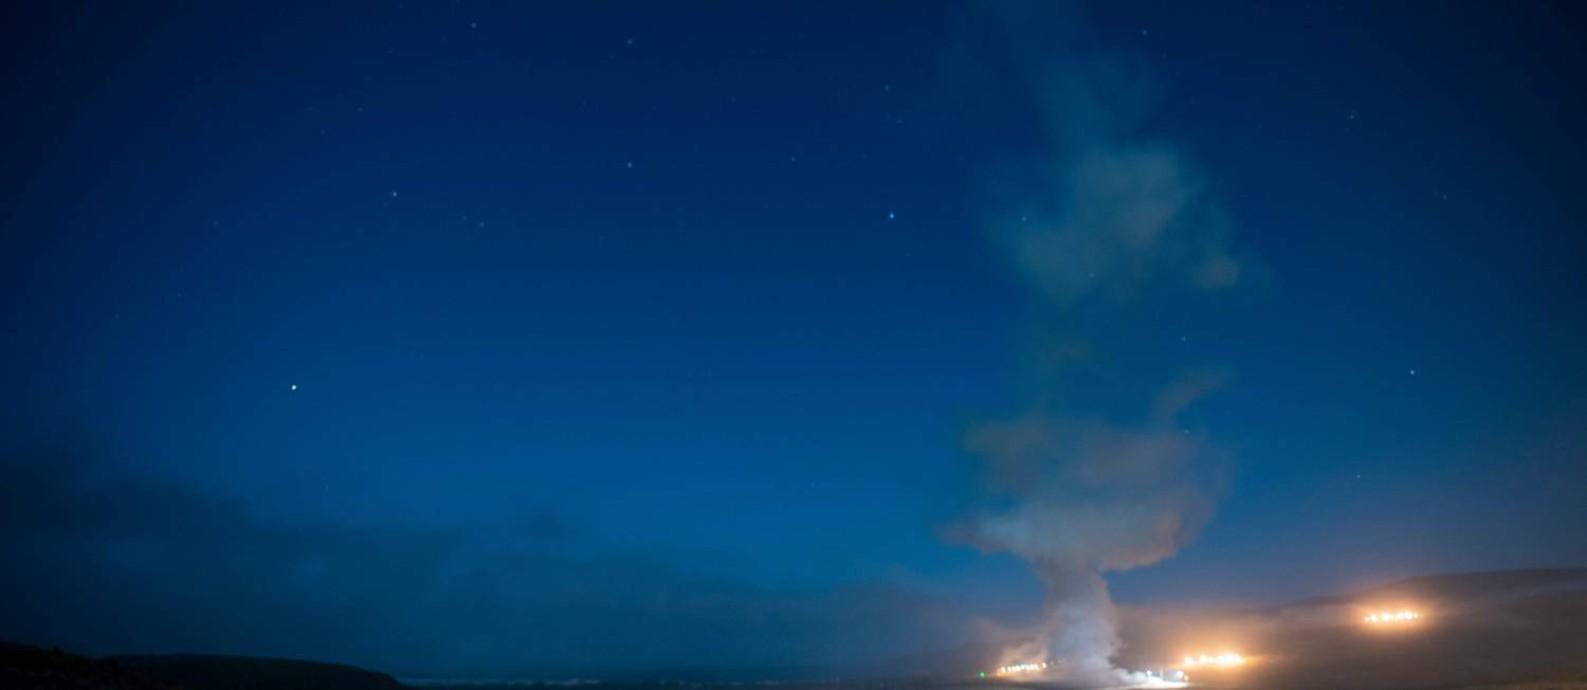 Teste do míssil balístico intercontinental (ICBM) Minuteman III, da Força Aérea Americana, no dia 4 de agosto Foto: HANAH ABERCORMBI / AFP